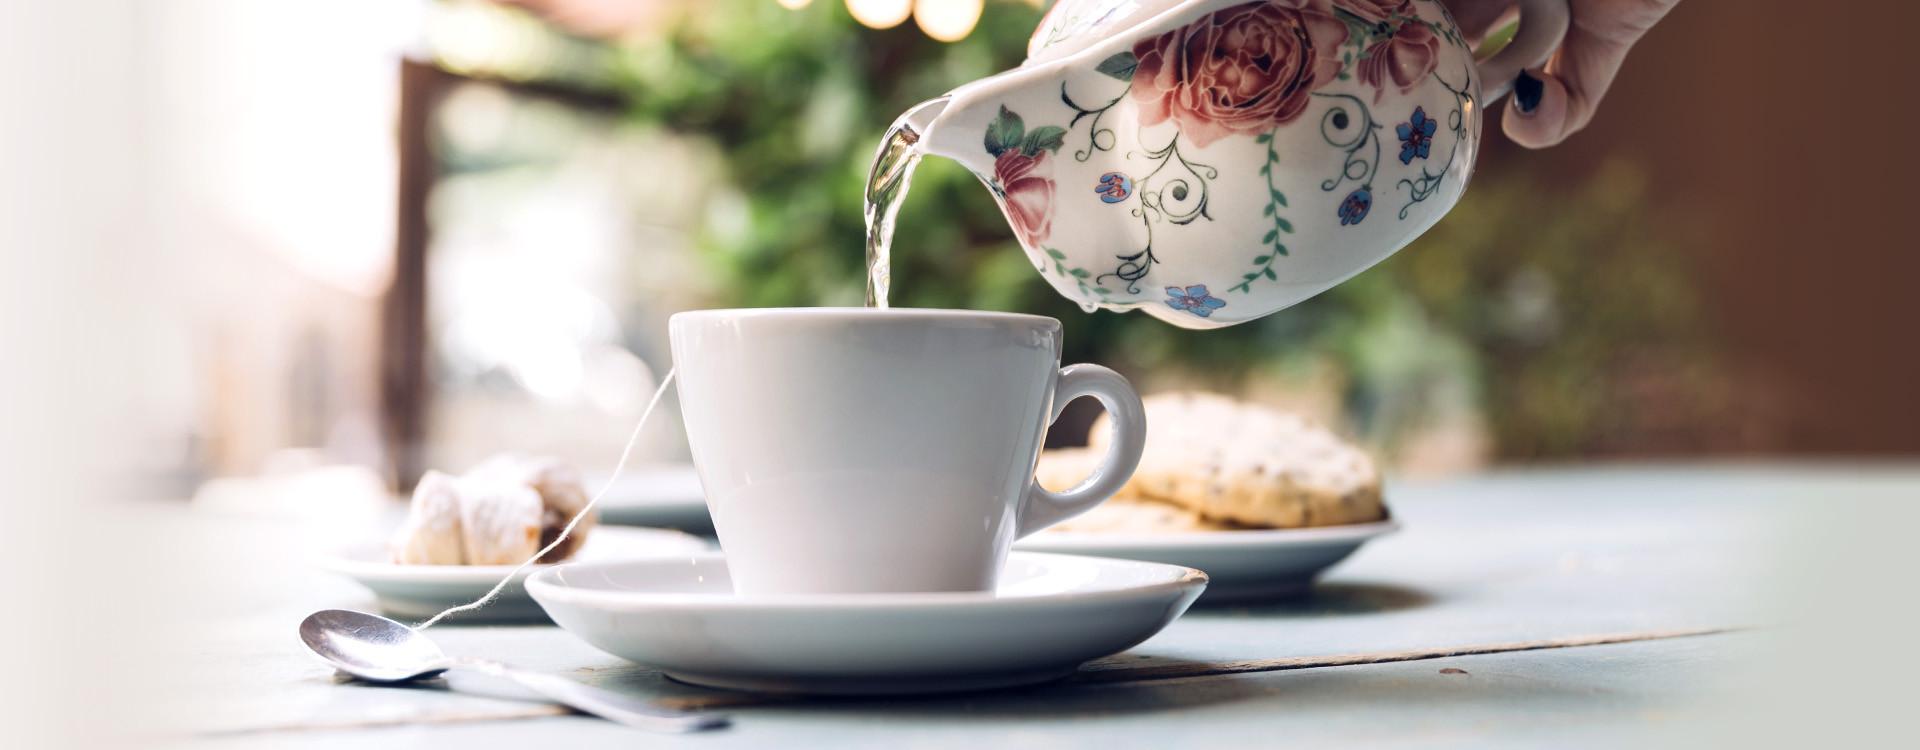 Herbata na odchudzanie - pomysł na walkę z dodatkowymi kilogramami!